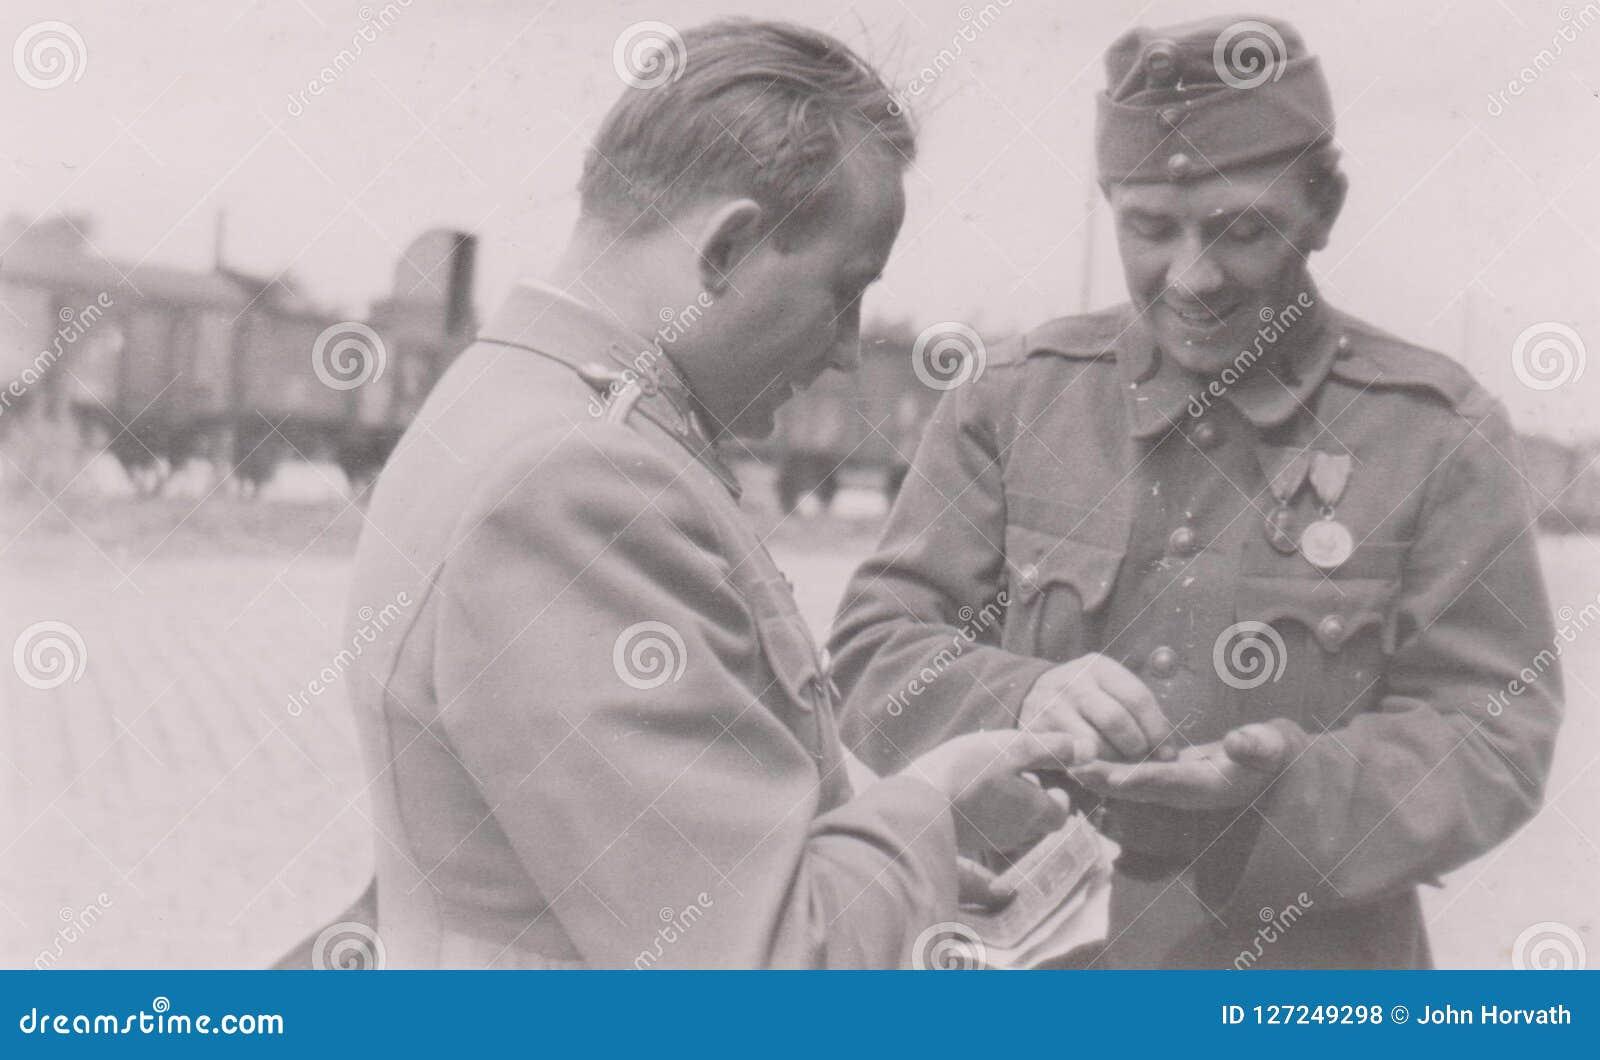 S00003 photo militaire Hongrie de la gare ferroviaire WWII